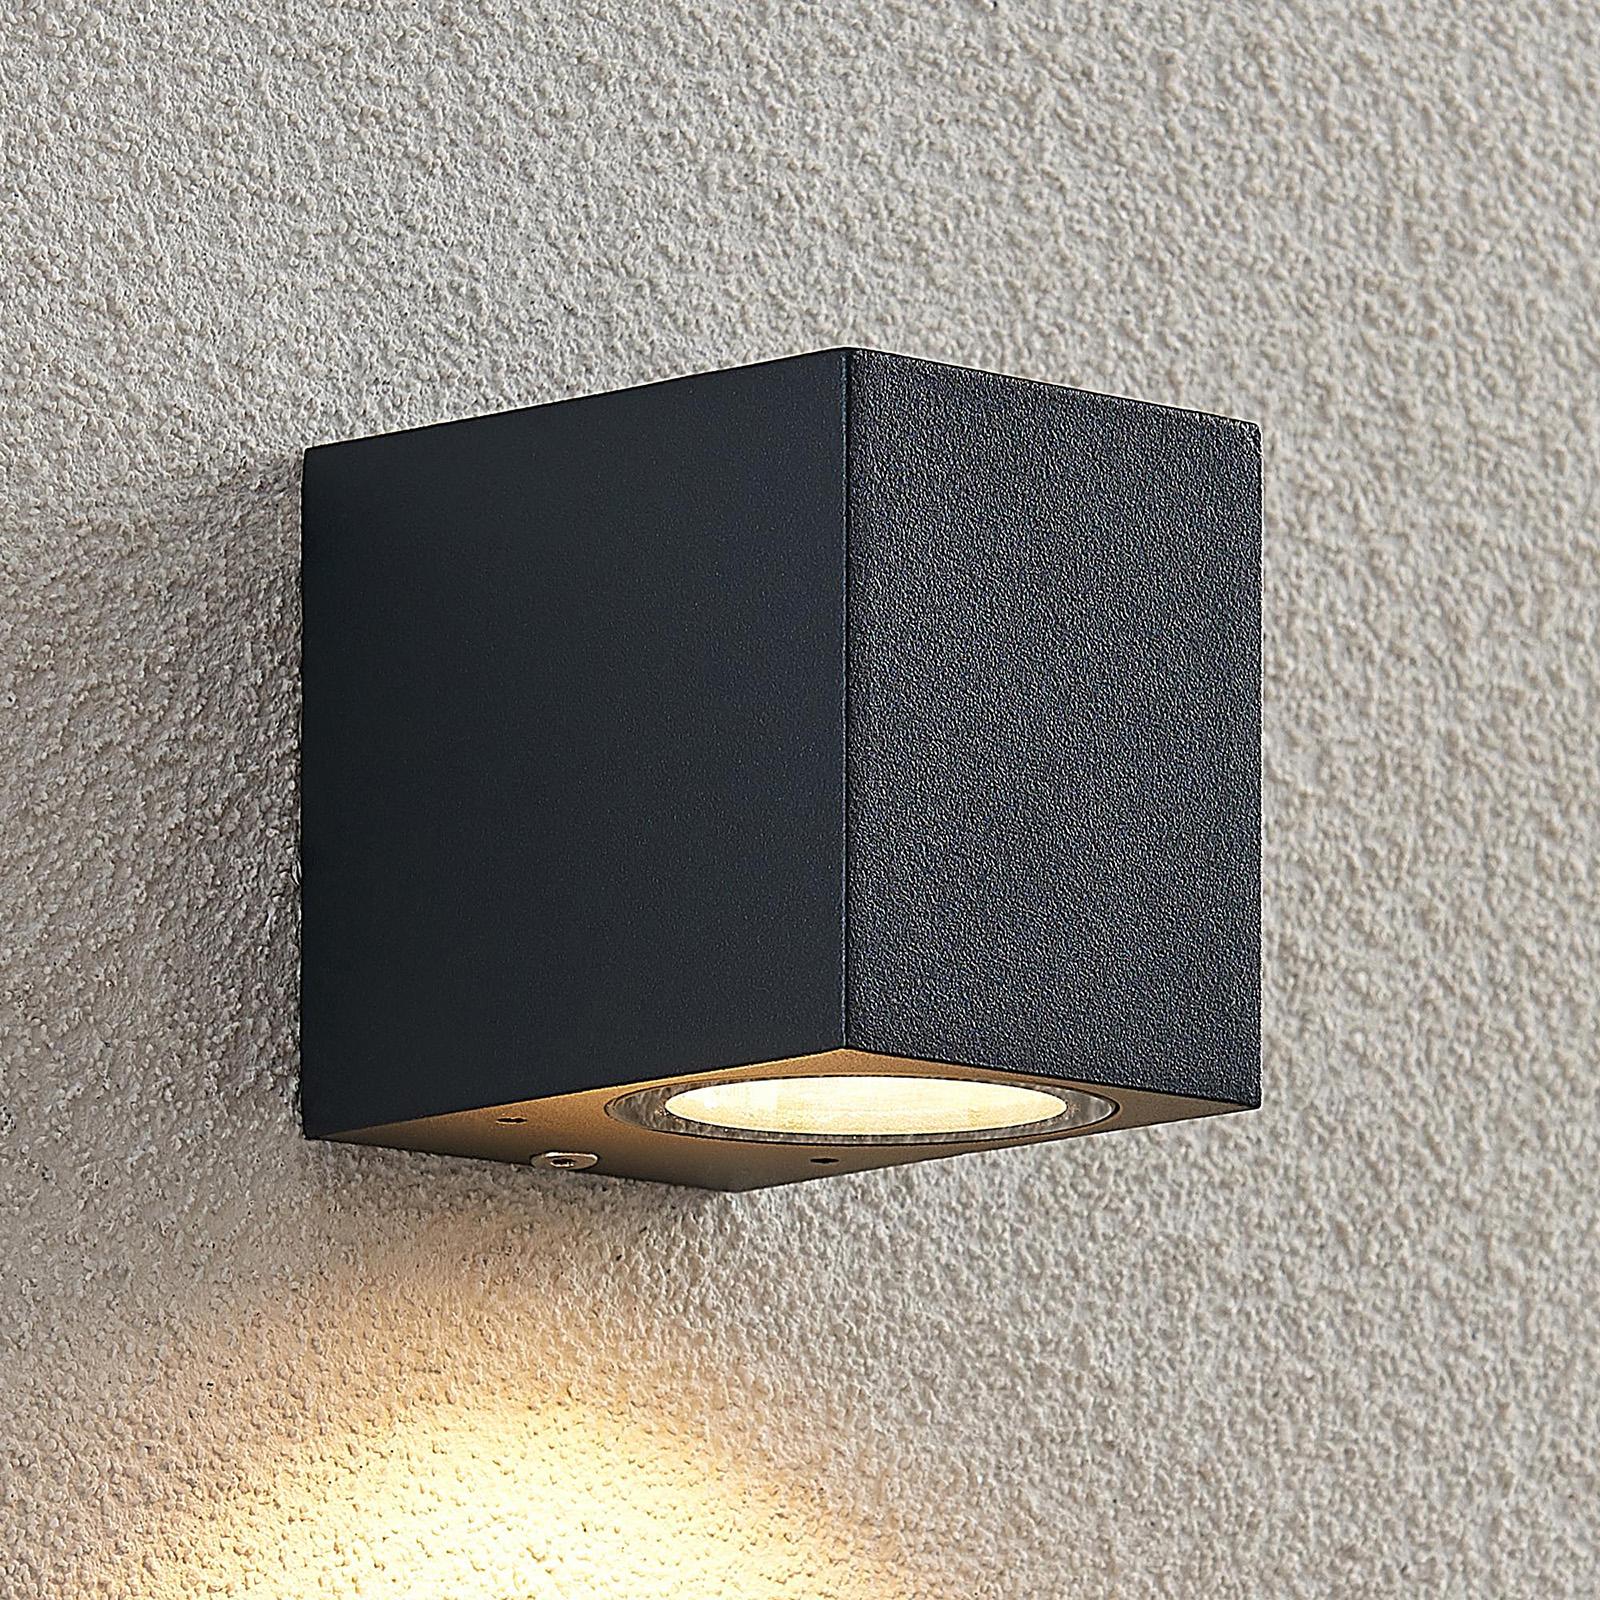 ELC Fijona LED-Außenwandlampe, eckig, 8,1 cm